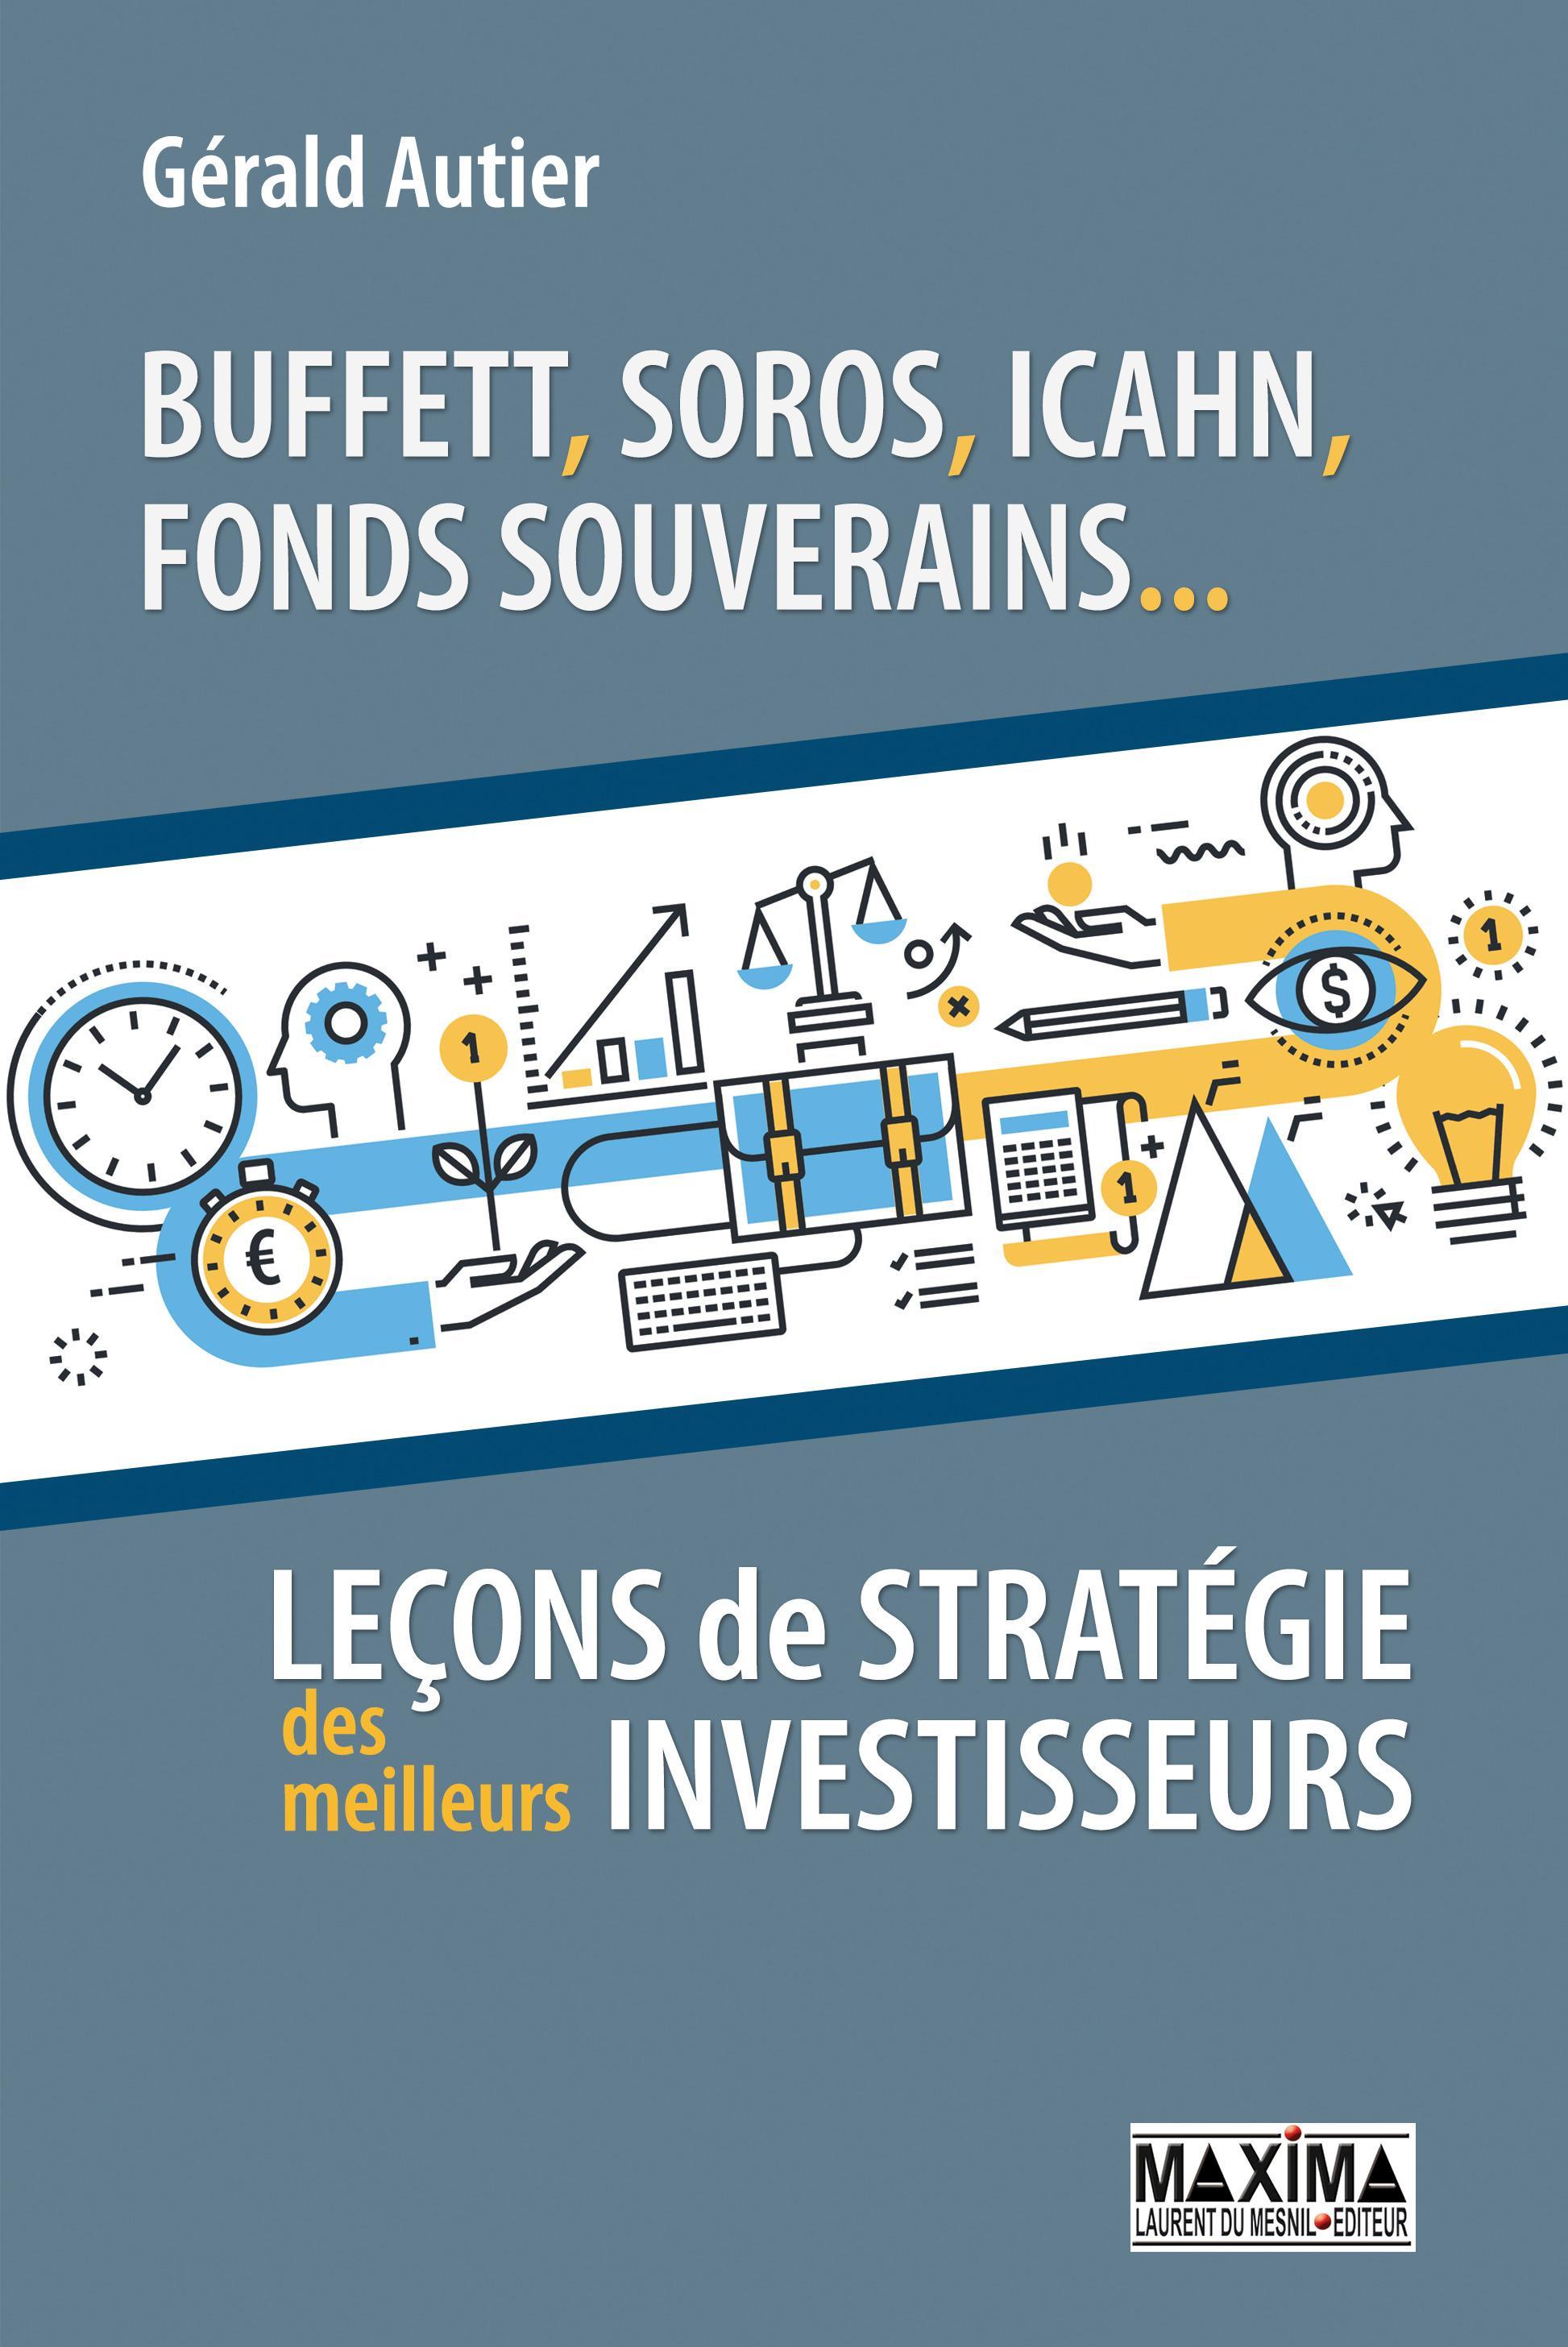 Buffett, Soros, Icahn, Fonds souverains... Leçons de stratégie des meilleurs investisseurs